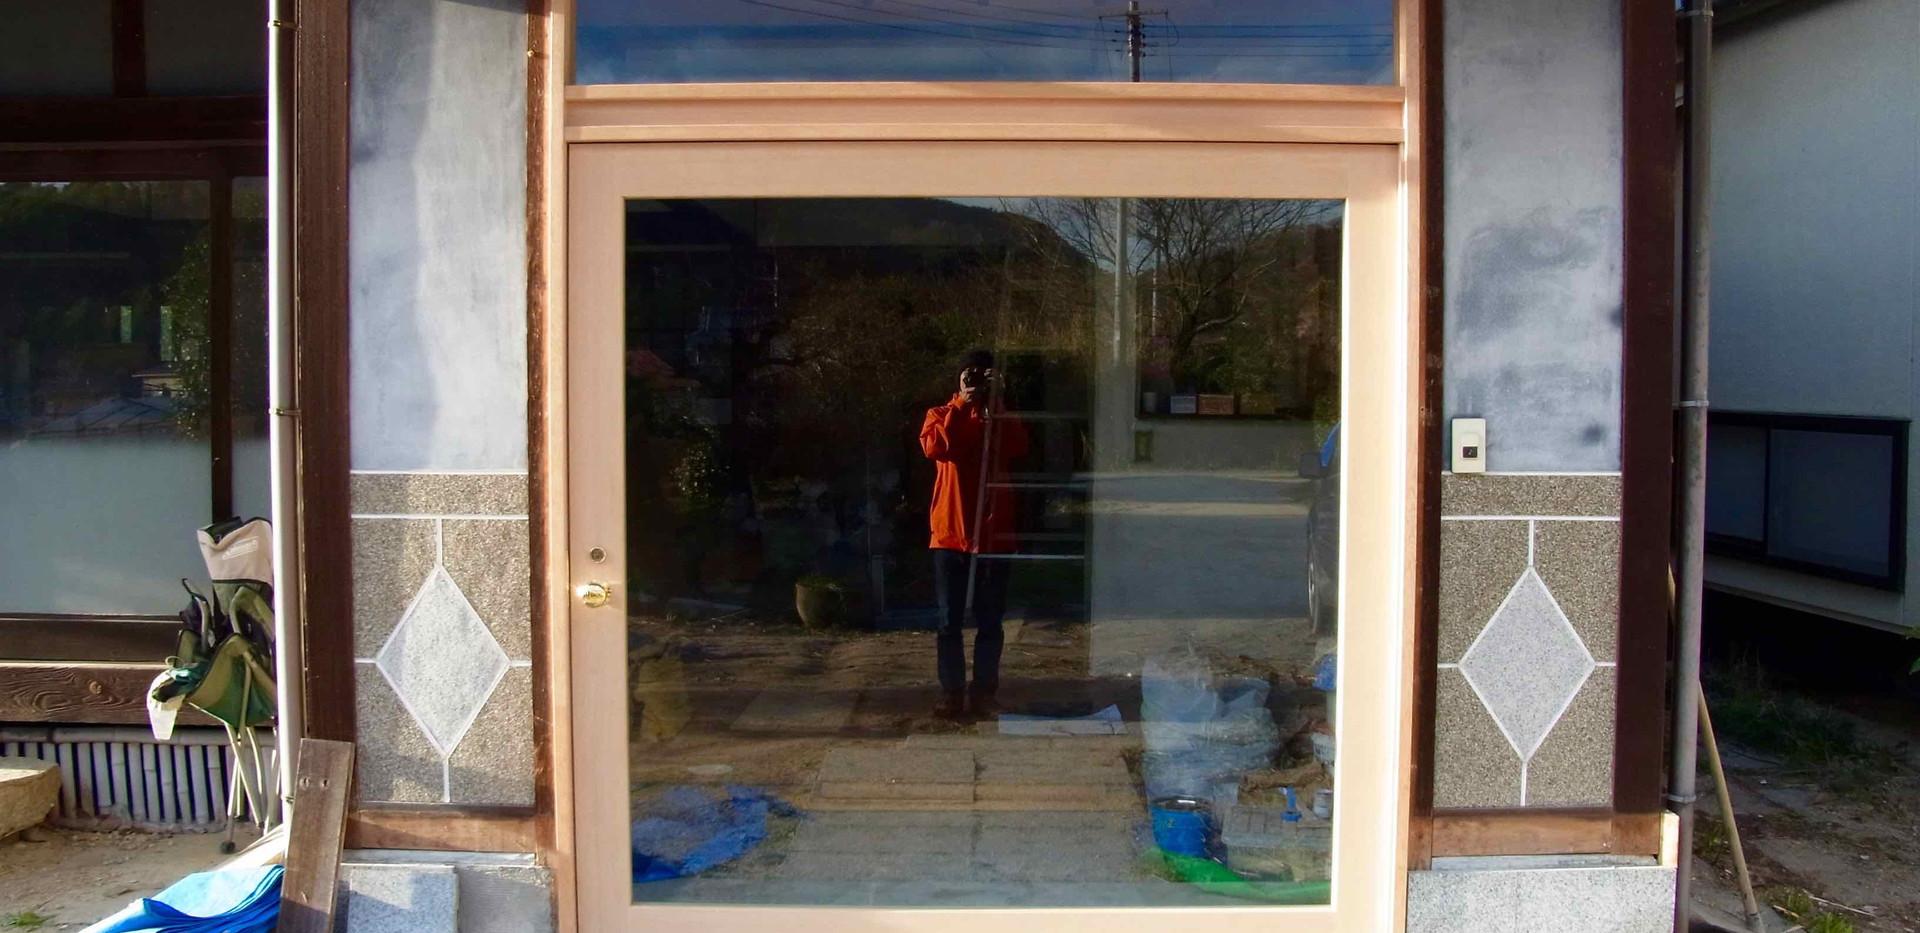 玄関扉は大きく透明な開き戸に変えウェルカムを表現。